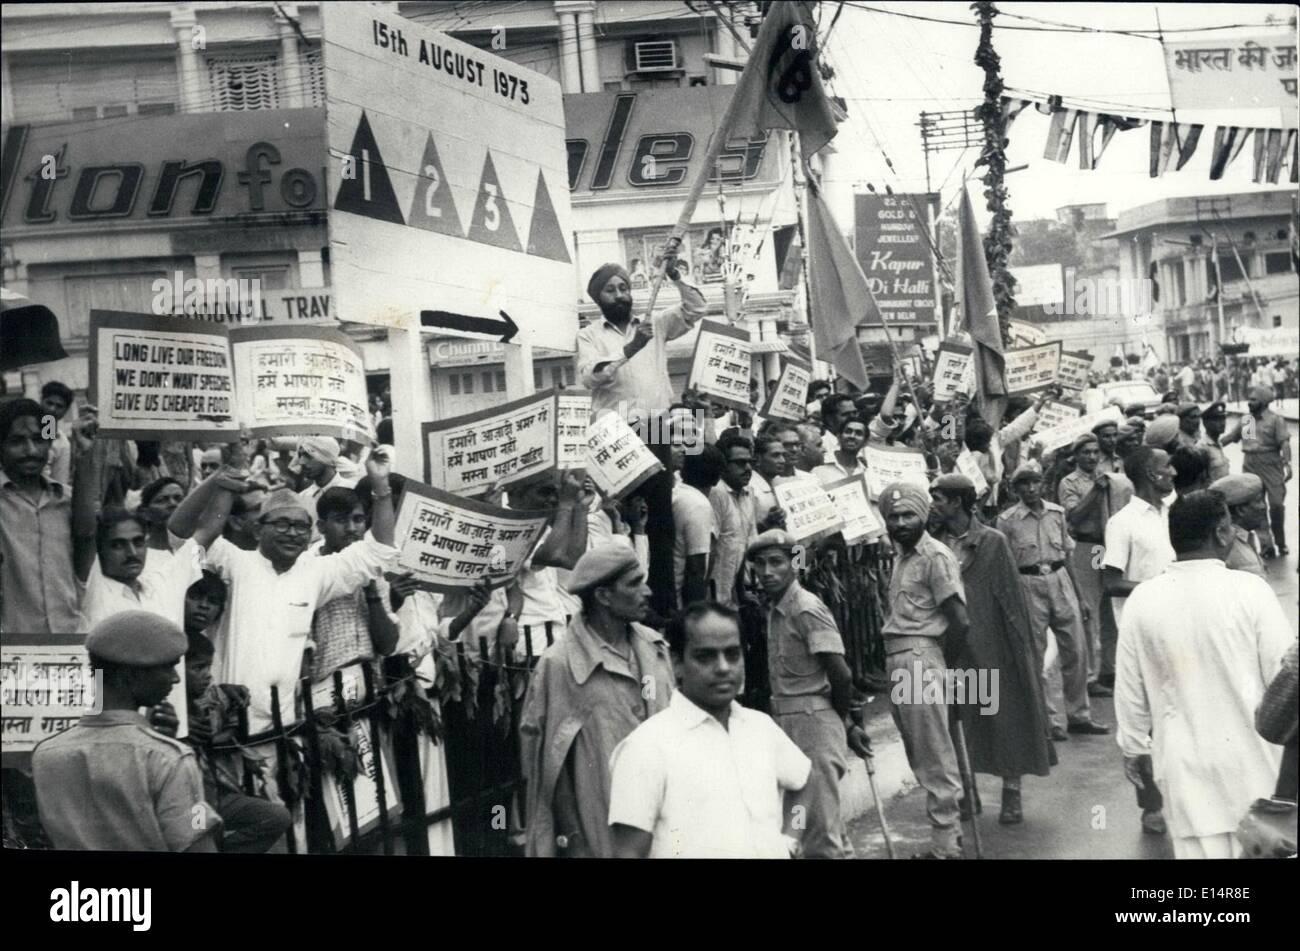 18 avril 2012 - Non communistes de l'opposition la tenue d'une manifestation à Delhi Gate pour protester contre la hausse des prix, en tant que premier ministre est passé de Delhi Gate sur sa façon de s'attaquer à la Nation à l'occasion du 26e anniversaire de l'indépendance de l'Inde le 15 août Jour de l'historique Fort Rouge à Delhi. Photo Stock